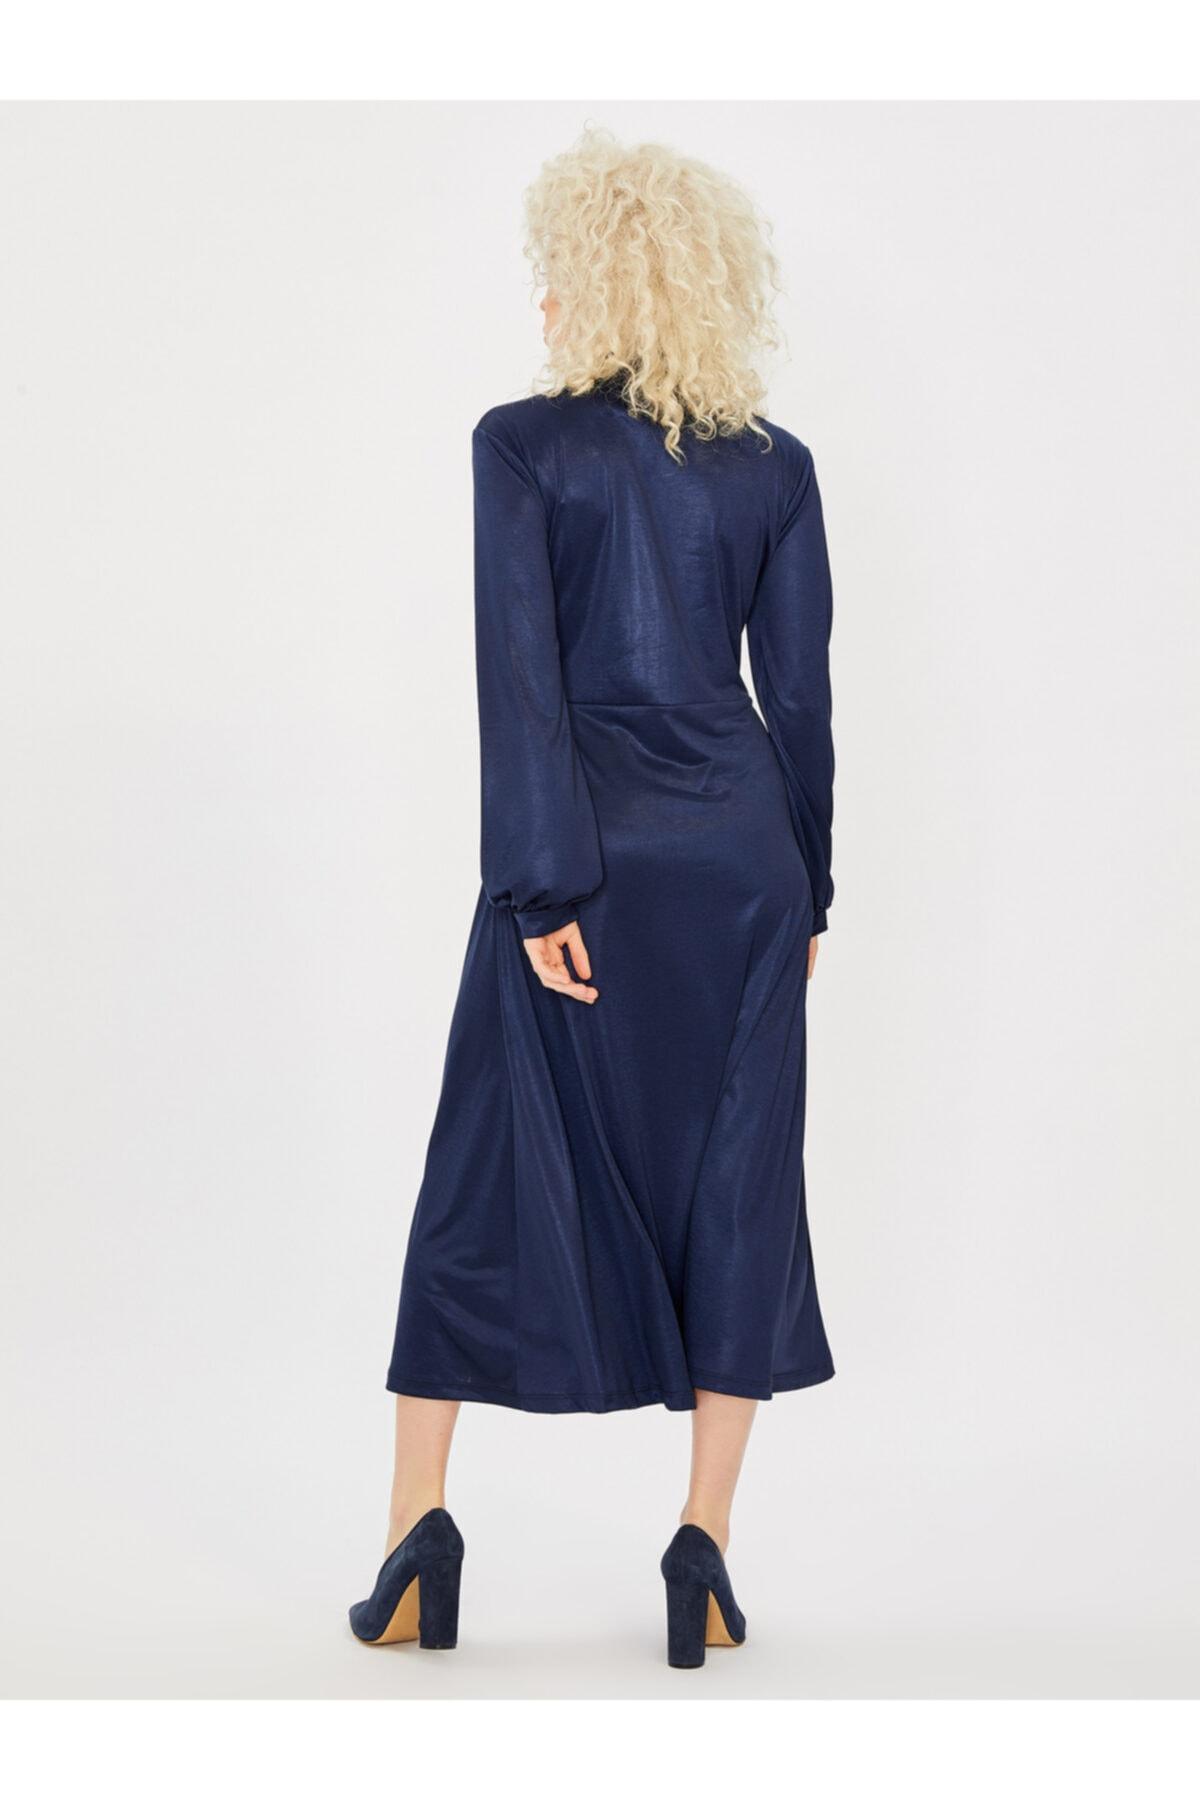 Vekem Kadın Saks Yakası Bağlamalı Uzun Kol Maksi Elbise 2